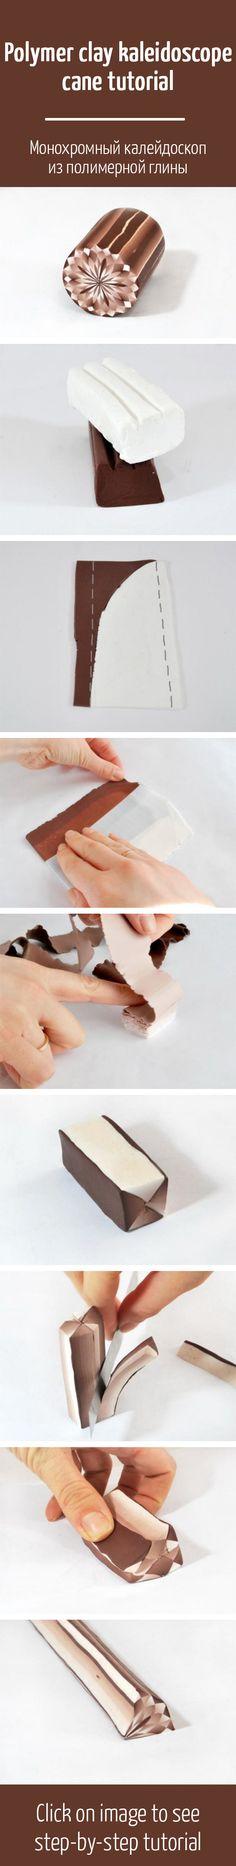 Polymer clay kaleidoscope cane tutorial /Монохромный калейдоскоп из полимерной глины